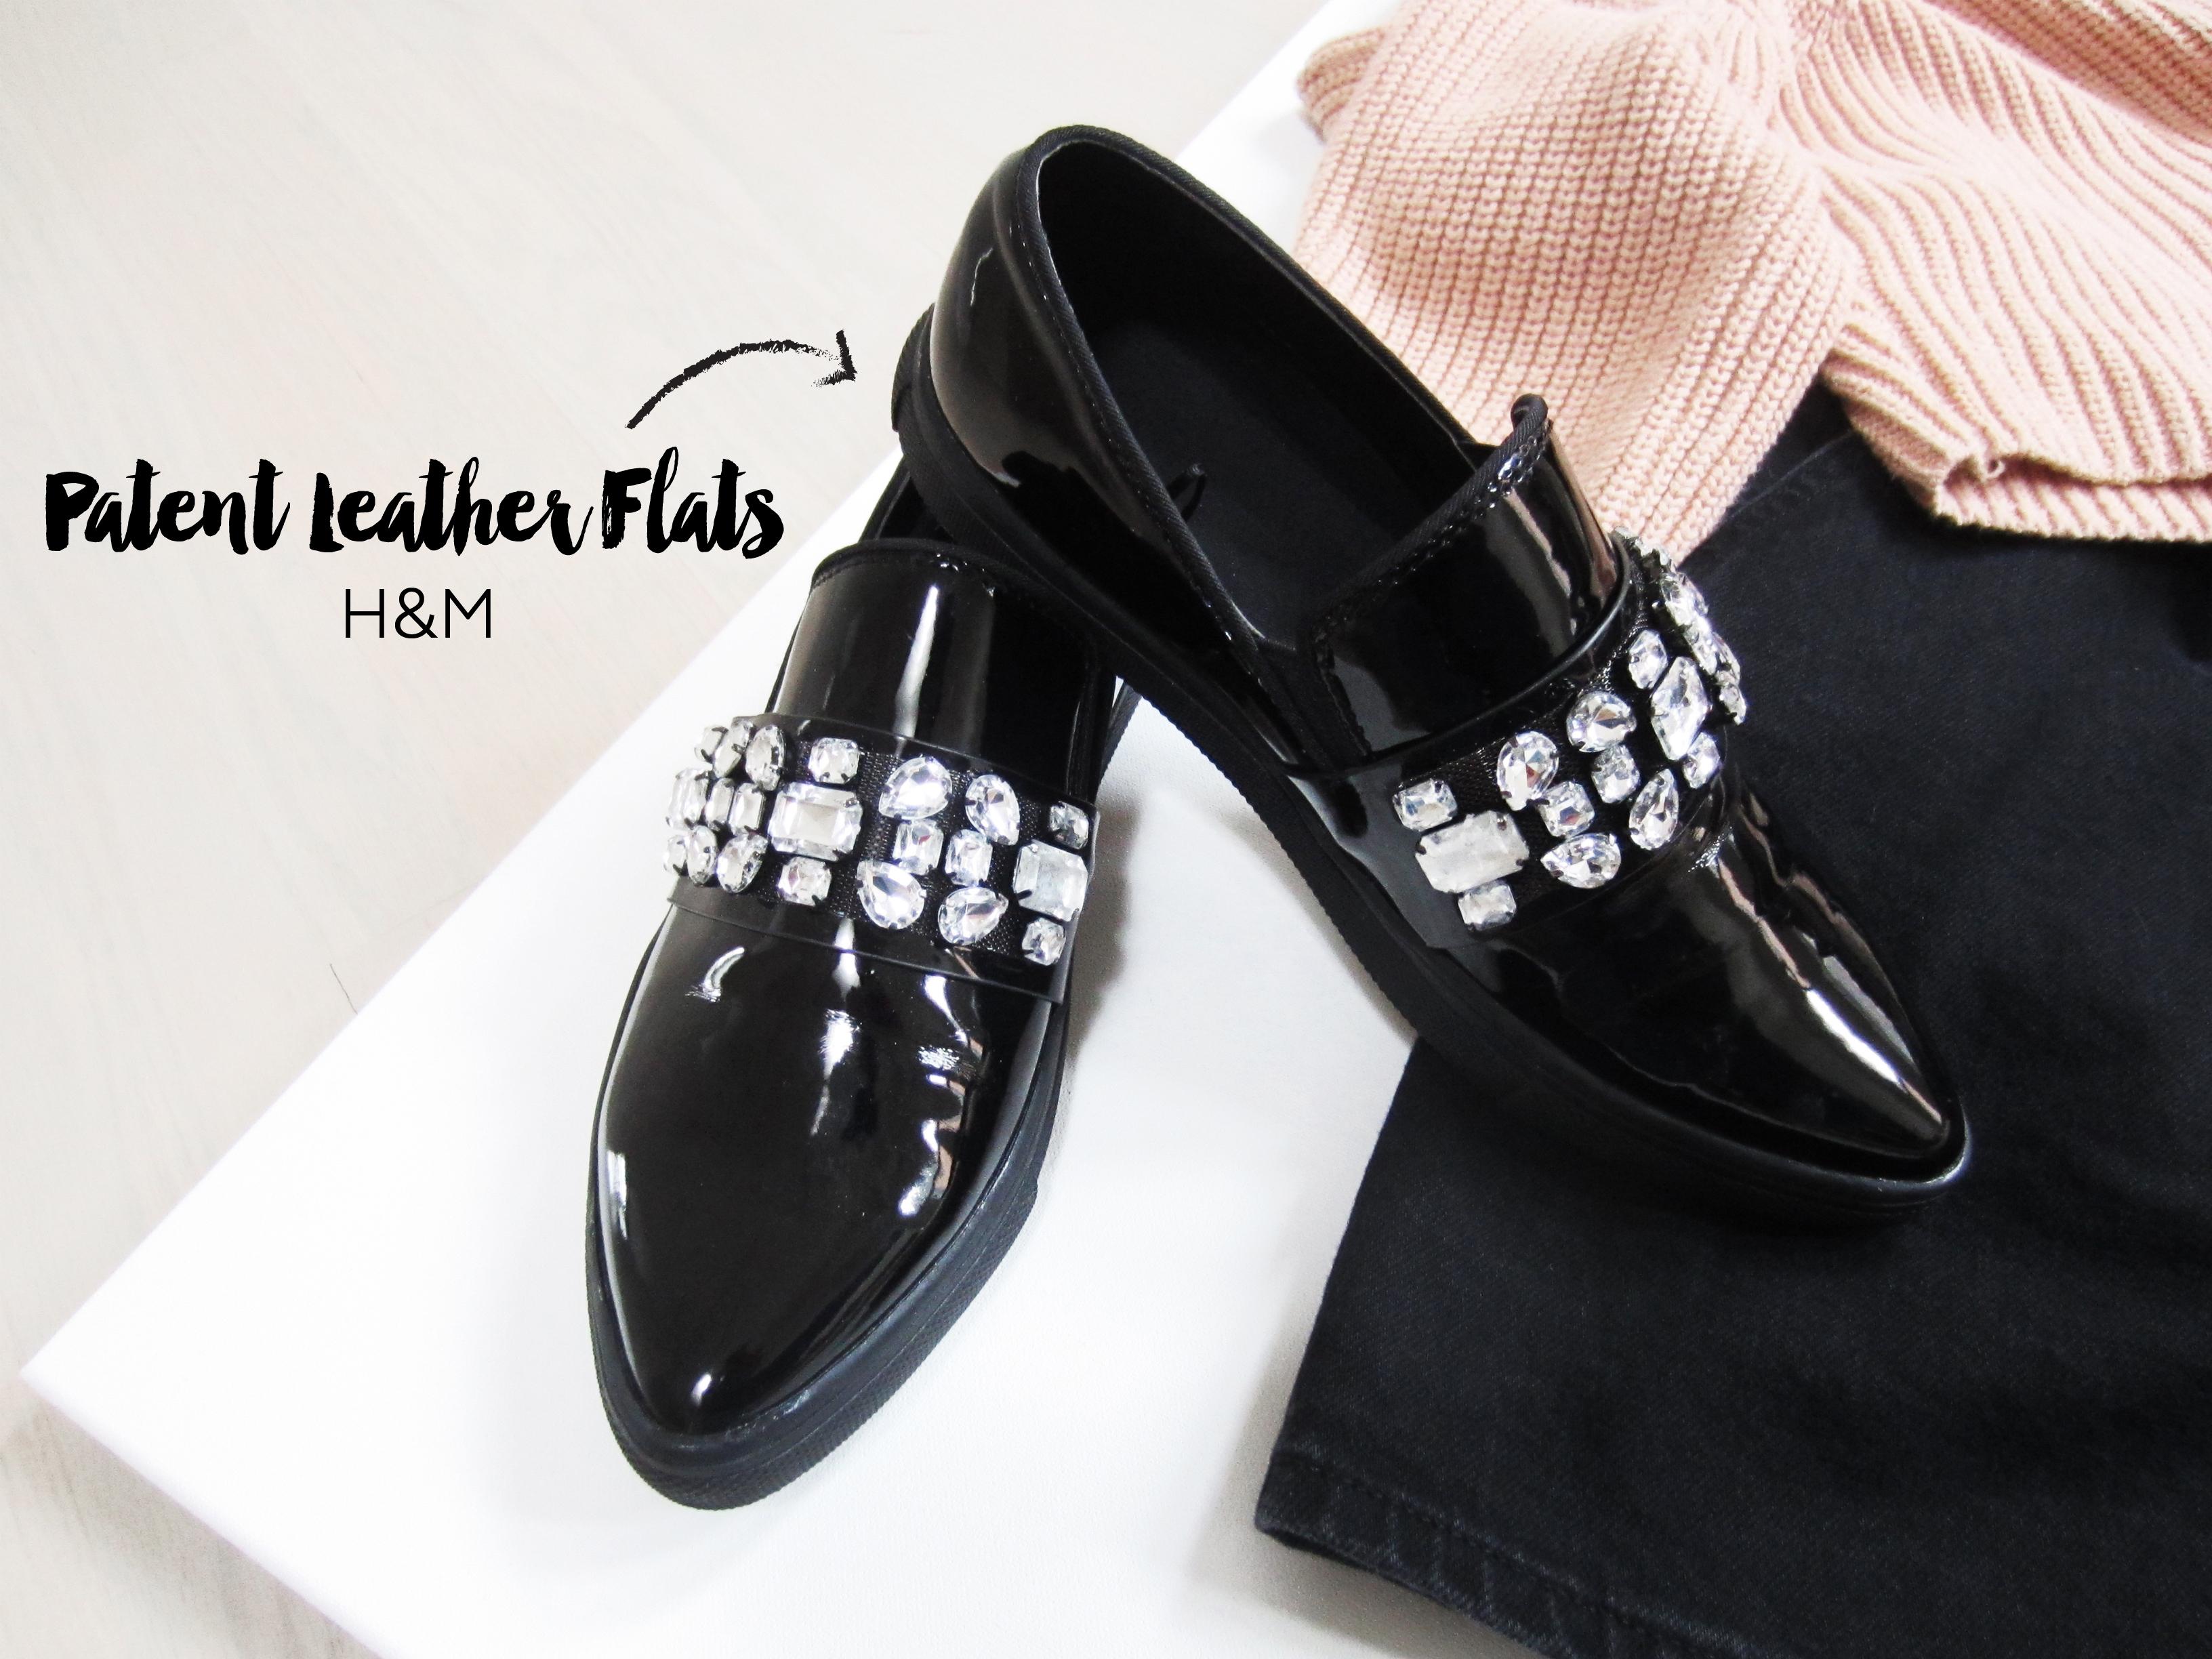 Dec 3 - Outfit - Shoes